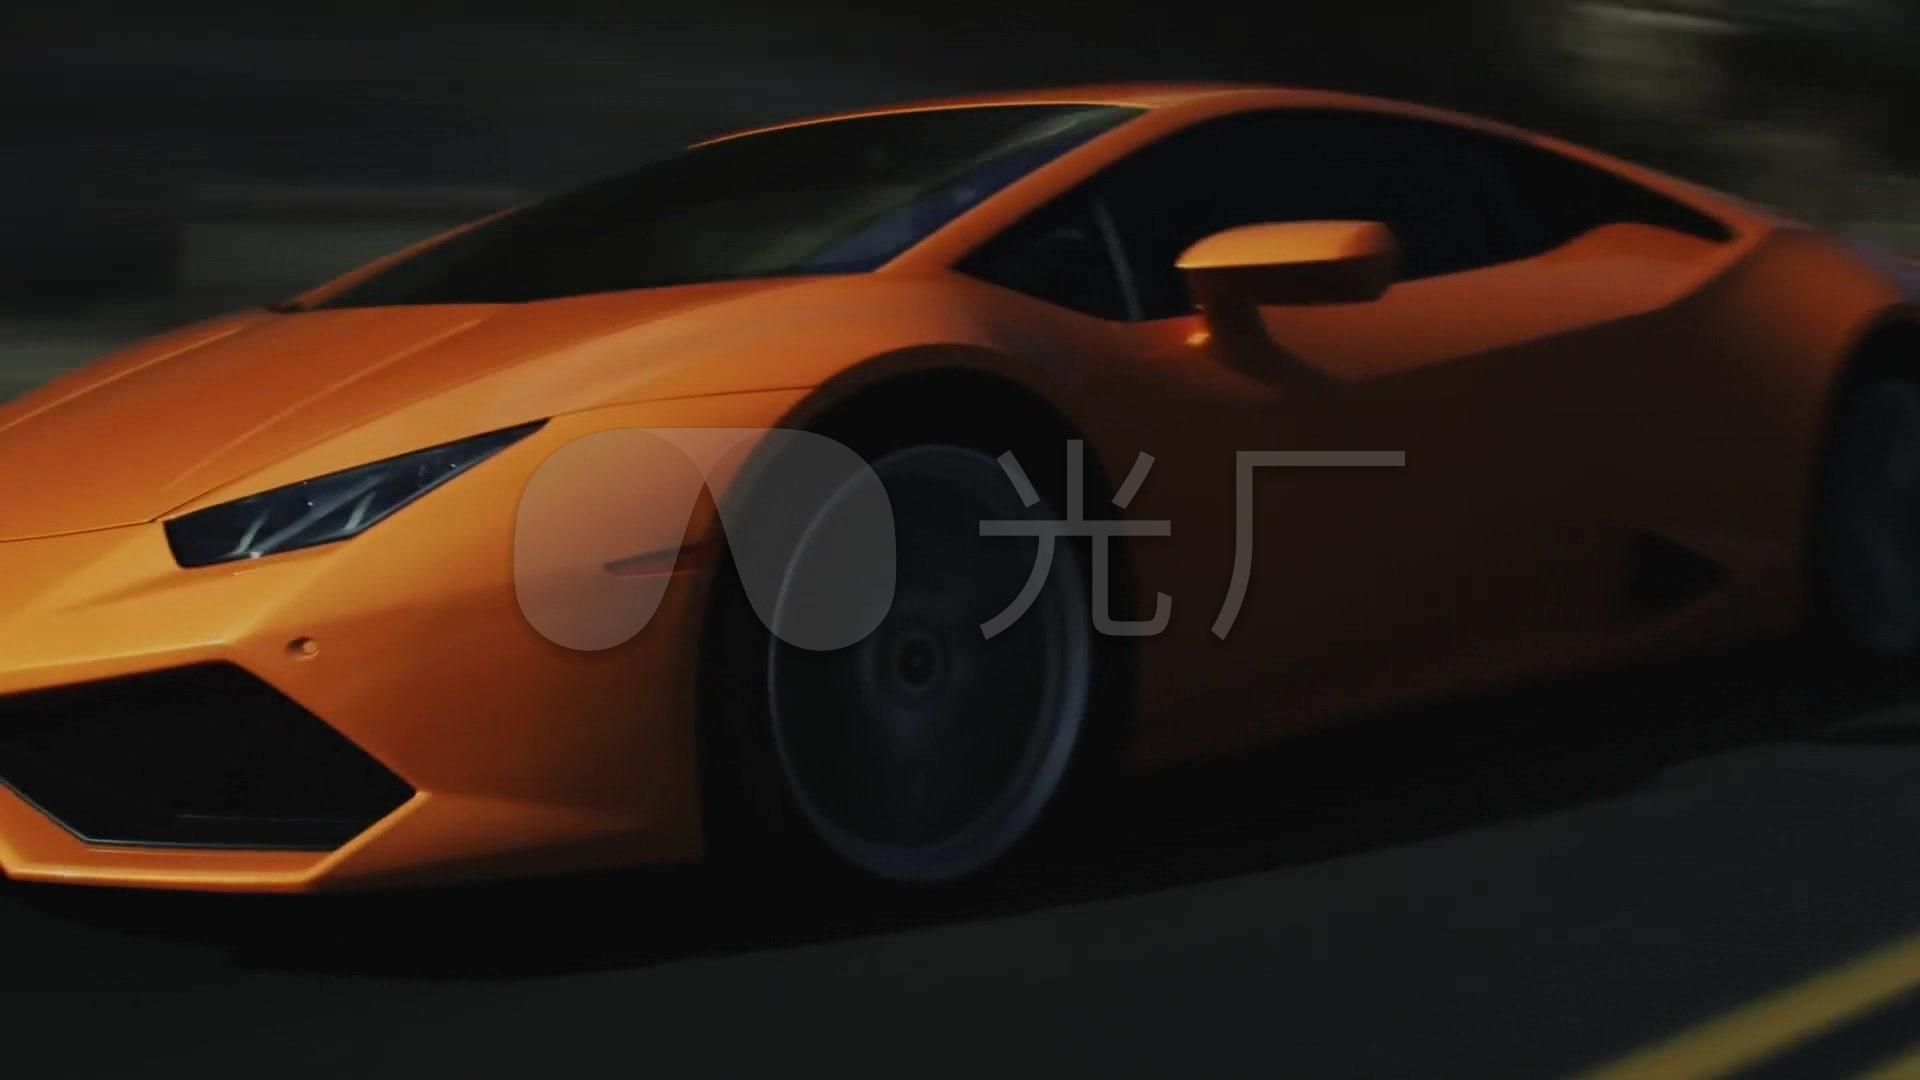 跑车实拍视频素材高清视频_1920X1080_高清世界九州v跑车图片